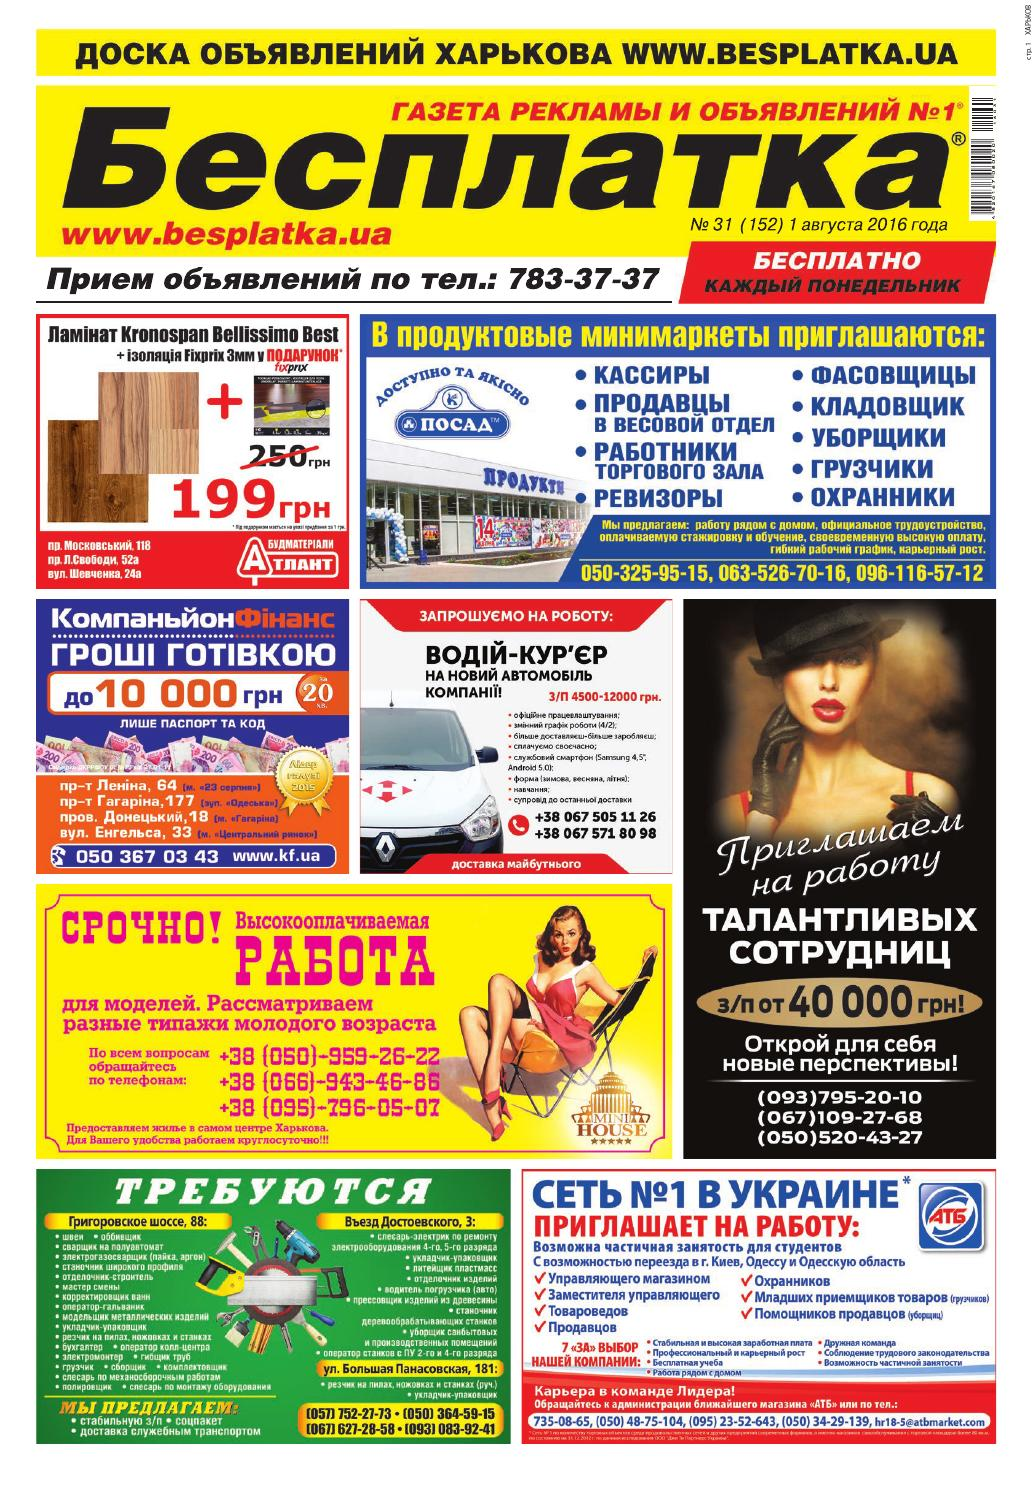 5cdec240fddc Besplatka 031 kha by besplatka ukraine - issuu